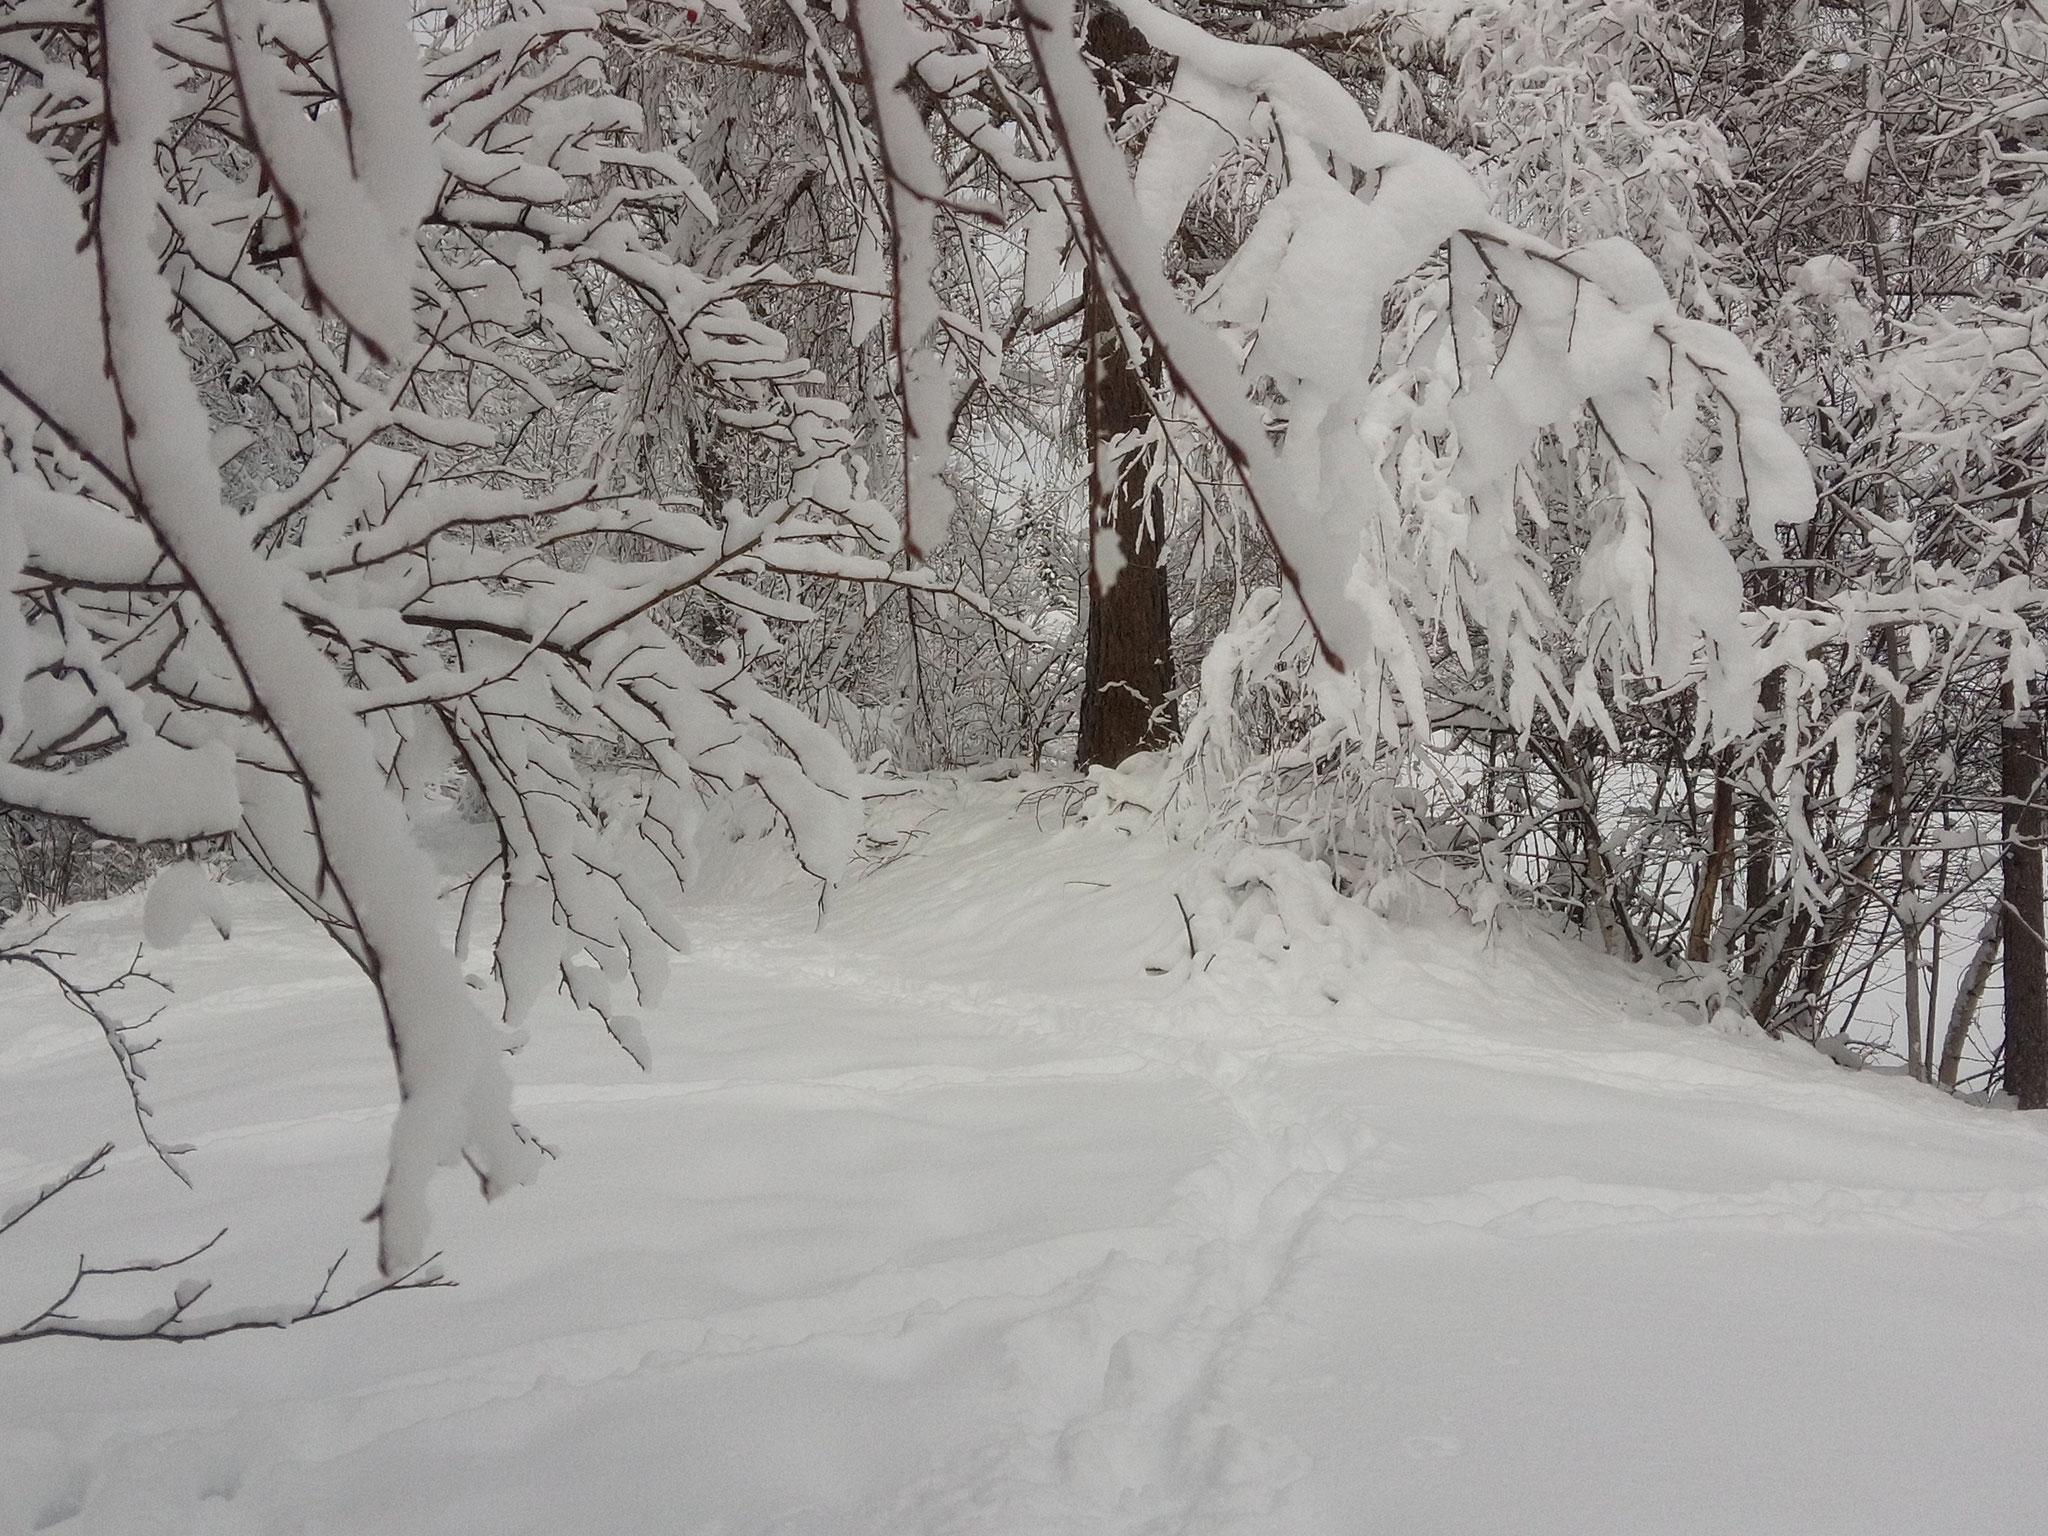 Schneezauber in Staudach St. Oswald